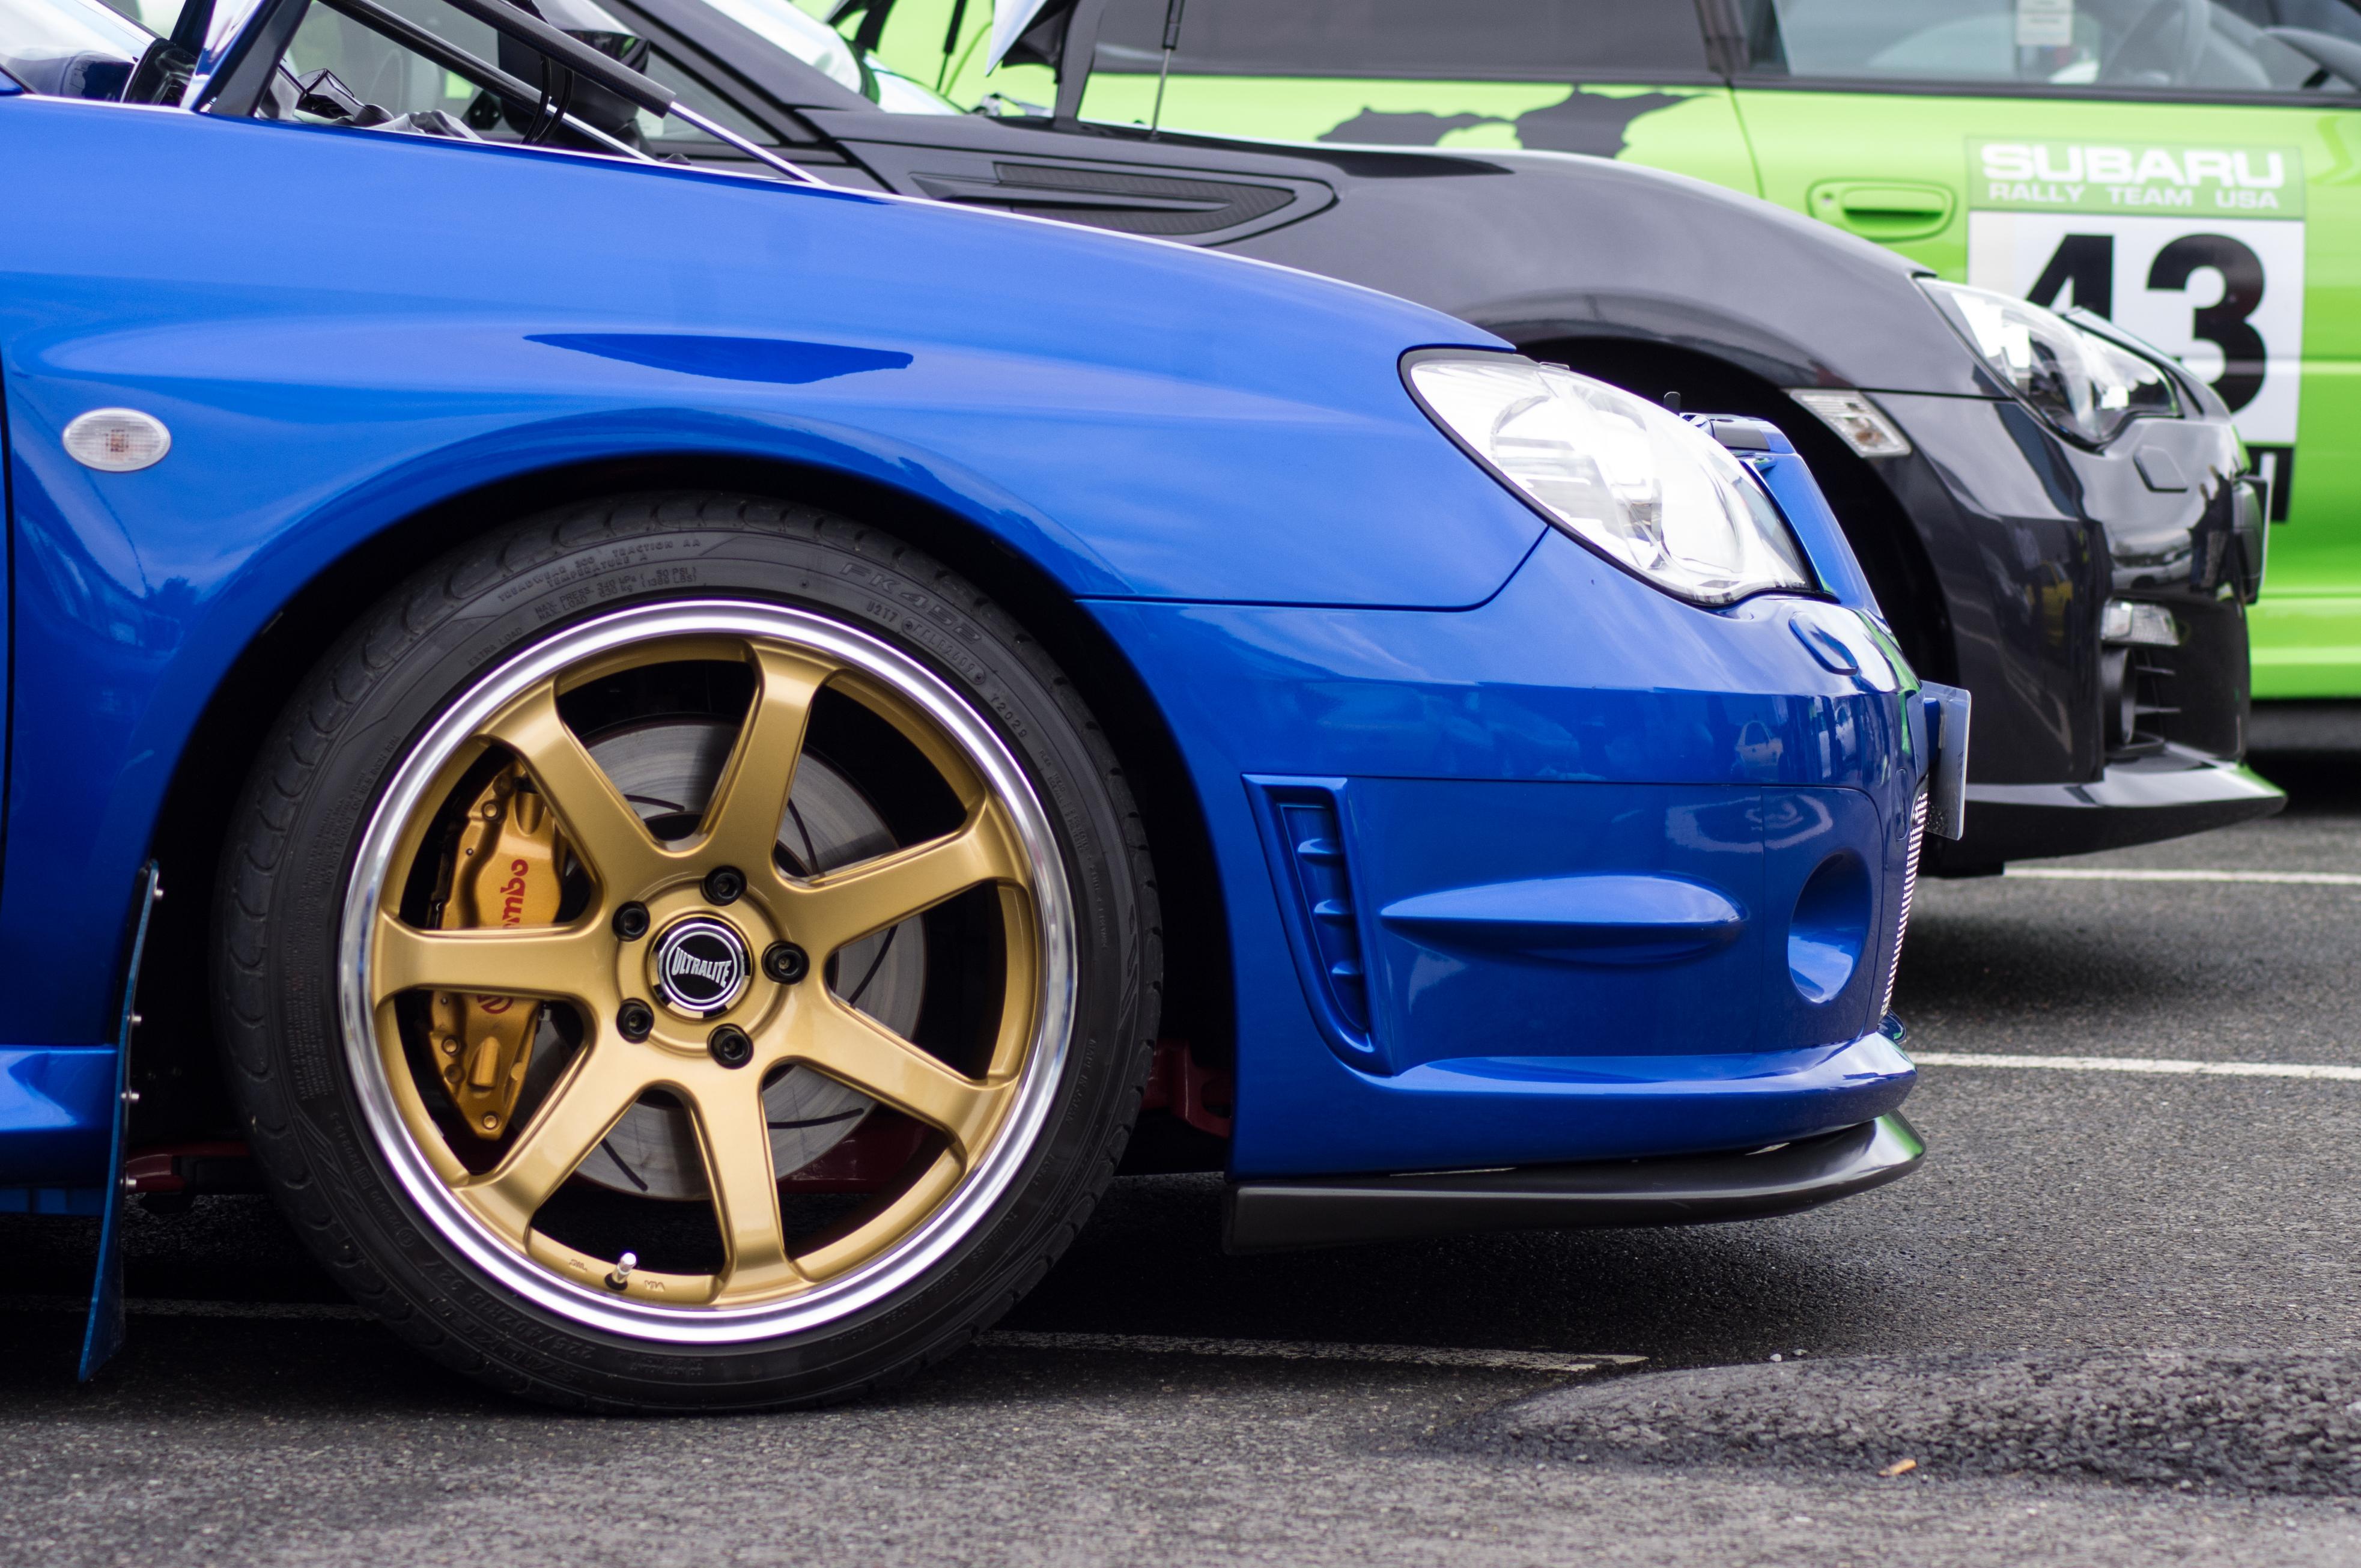 Subaru Fronts